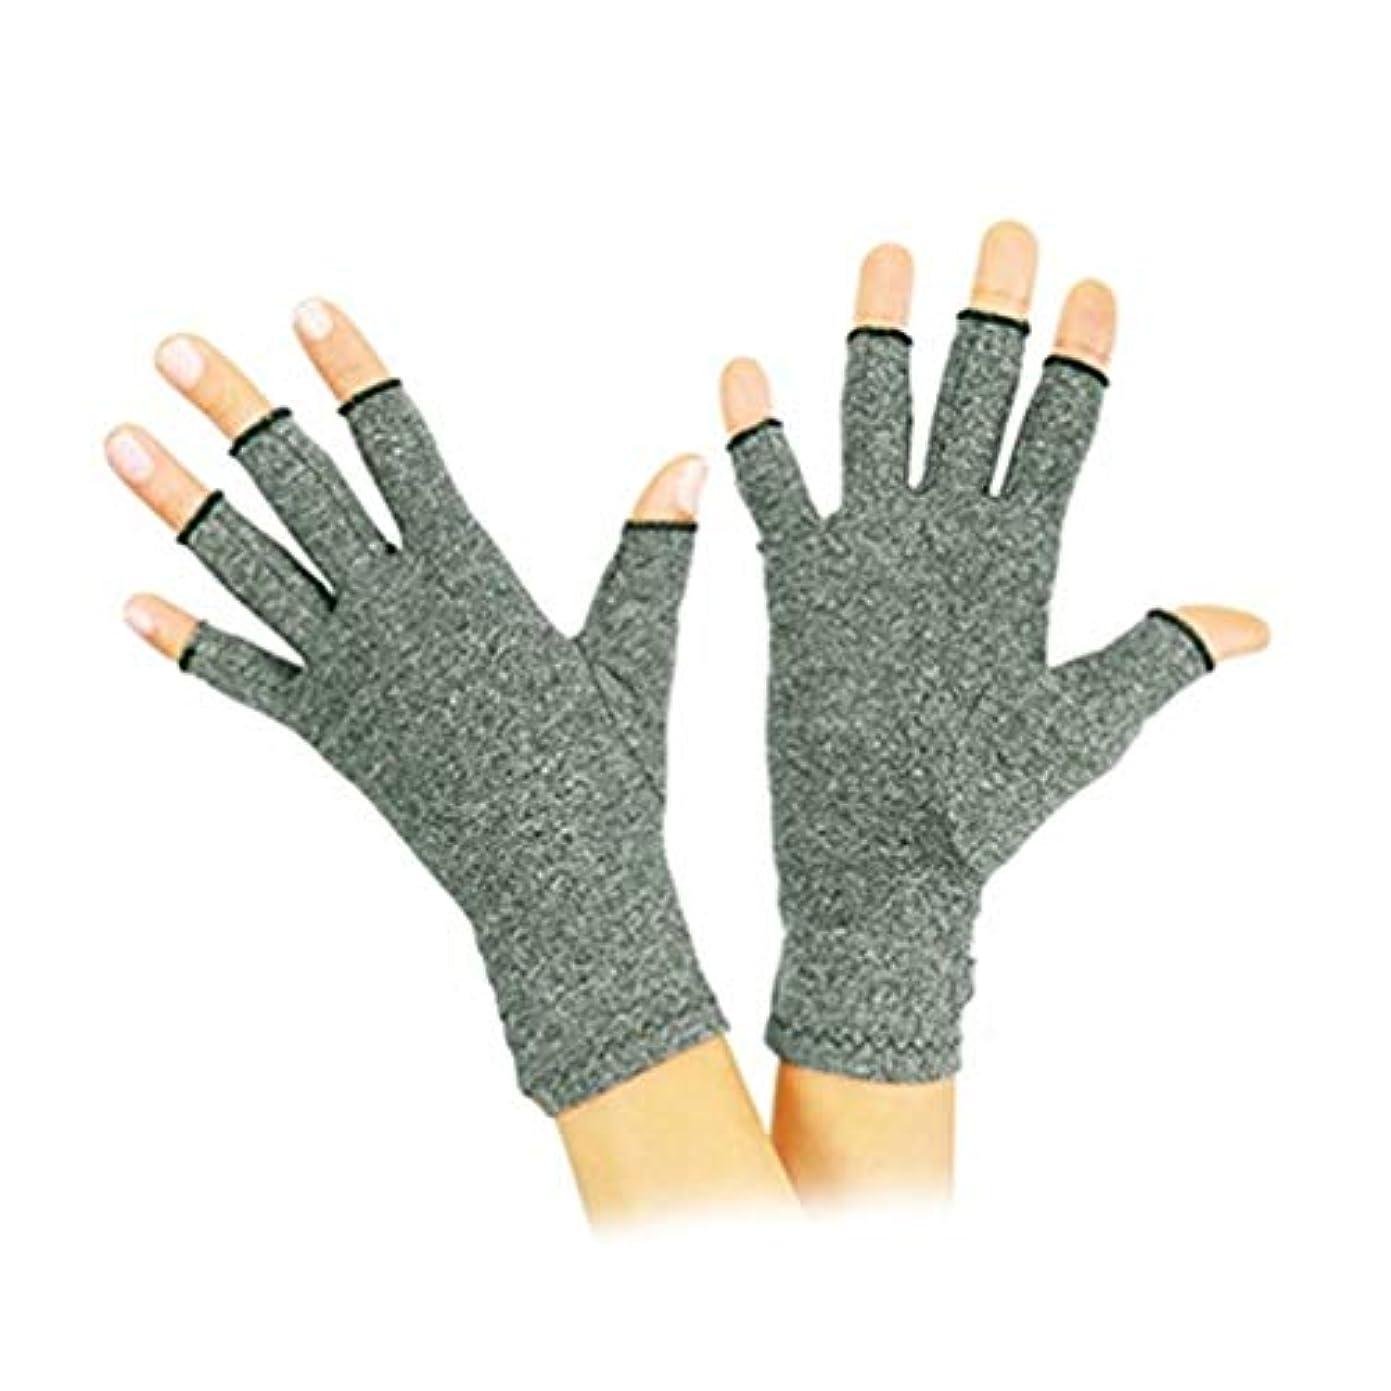 ミサイルテクトニック熱狂的な関節リウマチリウマチ性変形性関節症用手袋圧縮手袋コンピュータ入力用痛み緩和